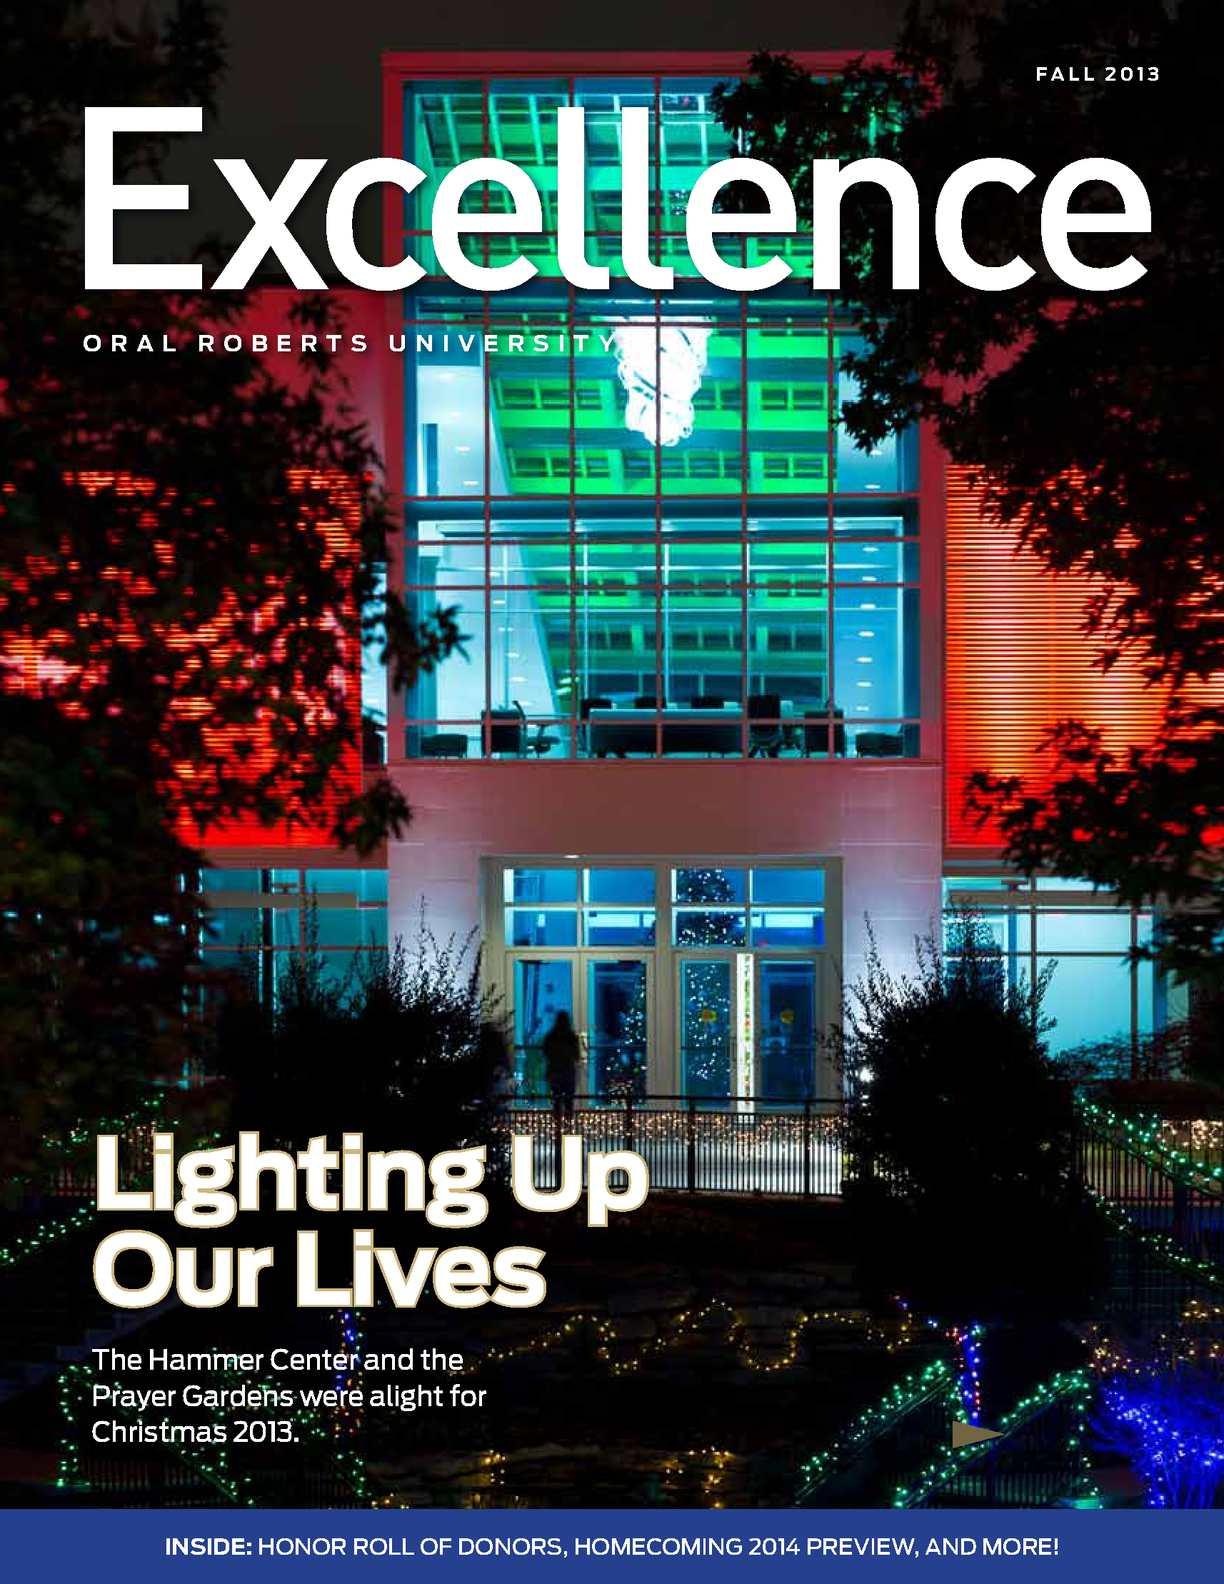 Calaméo Oru Excellence Magazine Vol 25 No 2 Fall 2013